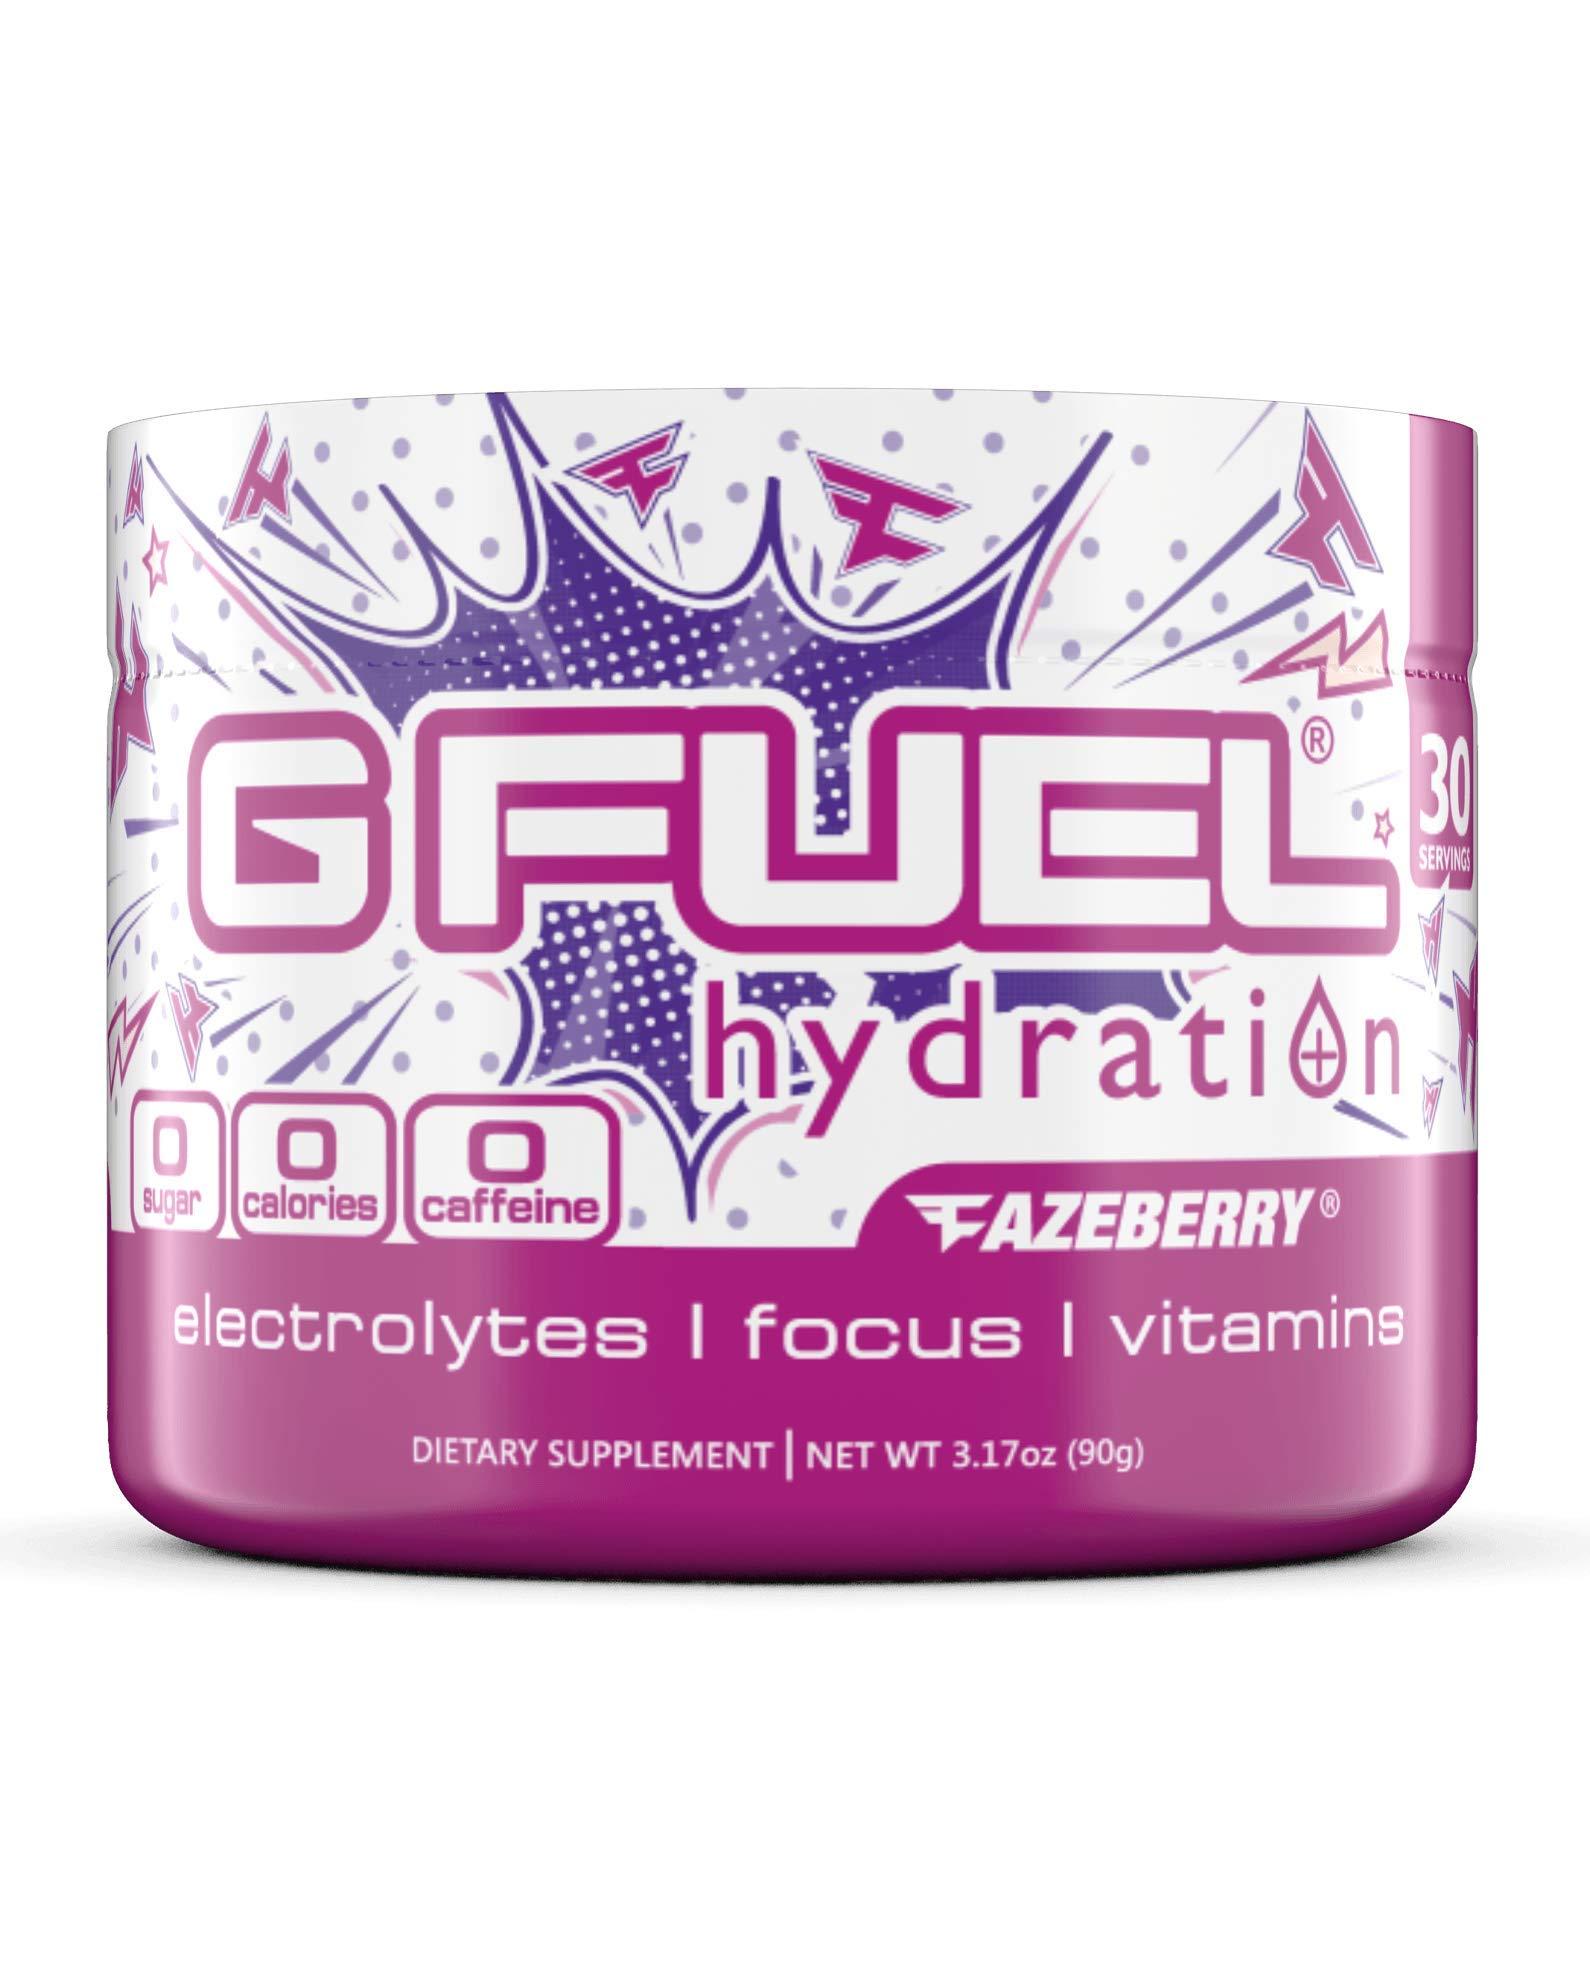 G Fuel Hydration FaZeberry Tub (30 Servings) Elite Hydration Powder 3.17oz